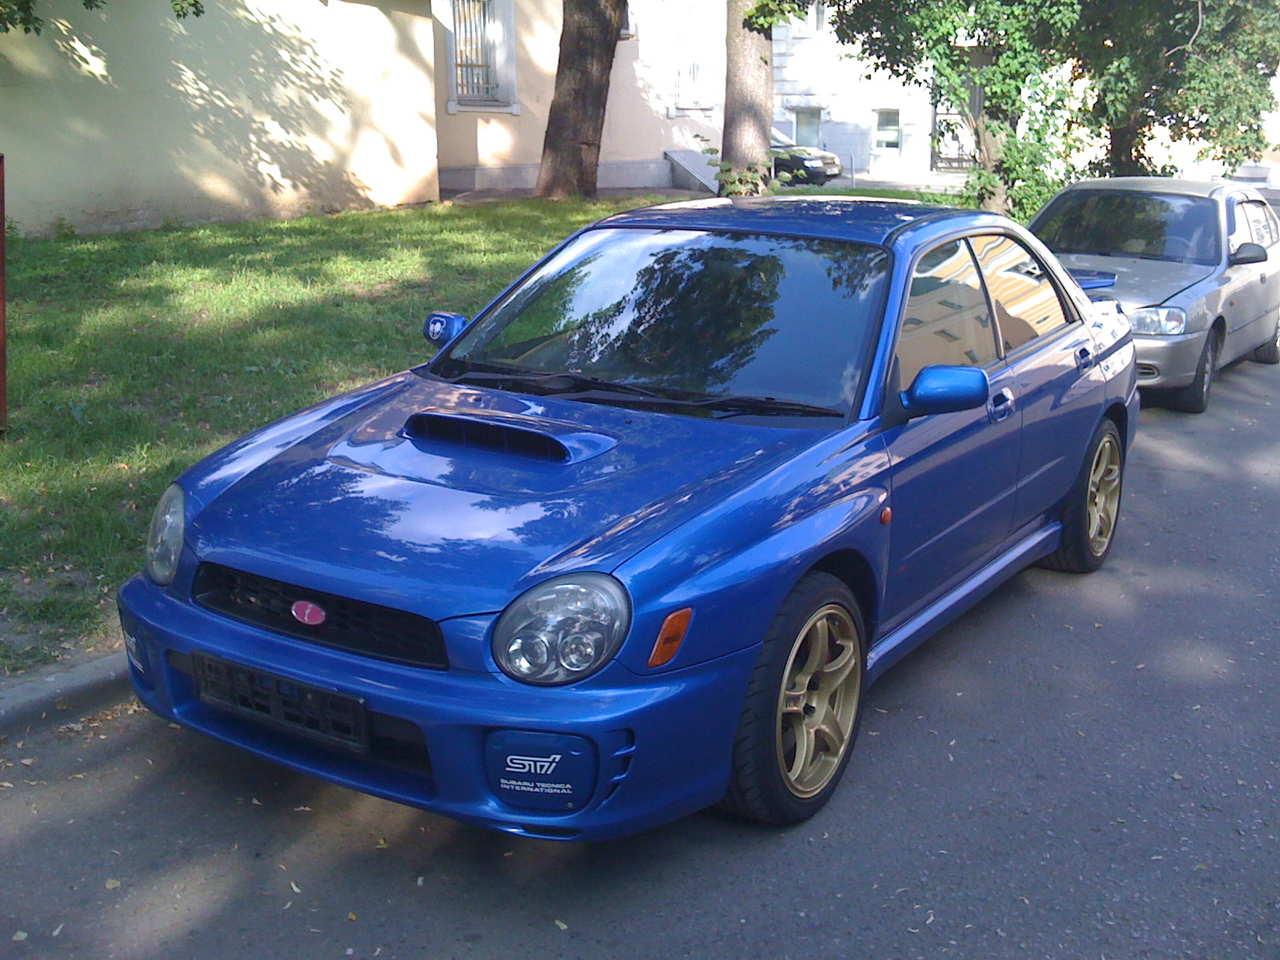 2001 subaru impreza wrx sti pictures 2 0l gasoline manual for sale